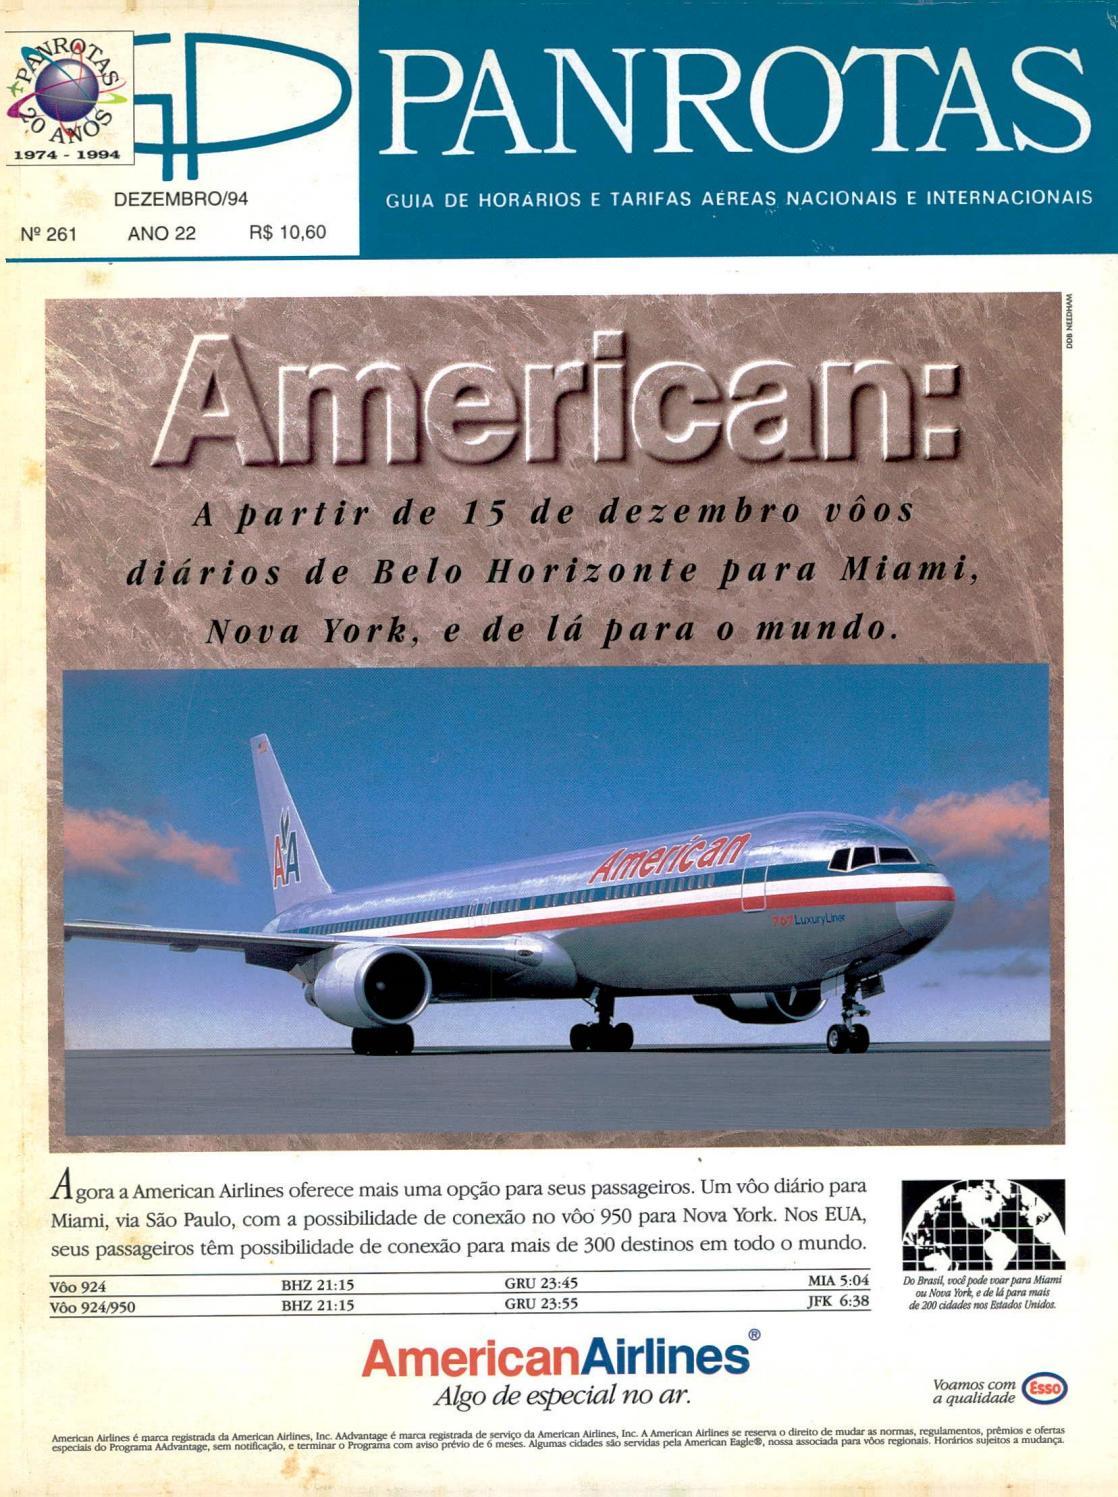 bb4e66c0648 Guia PANROTAS - Edição 261 - Dezembro 1994 by PANROTAS Editora - issuu